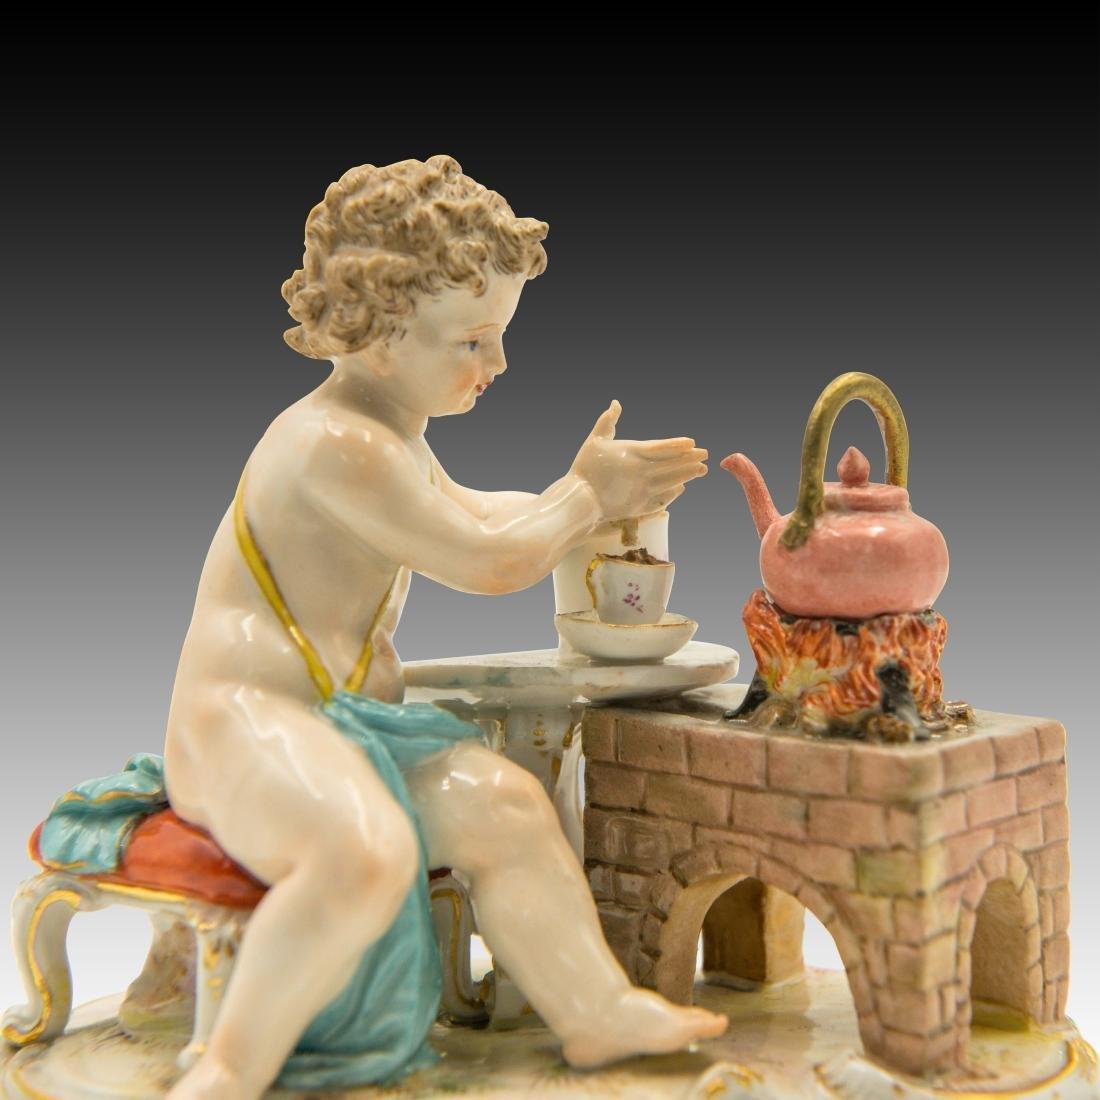 Meissen Cherub Making Hot Chocolate Figurine - 6